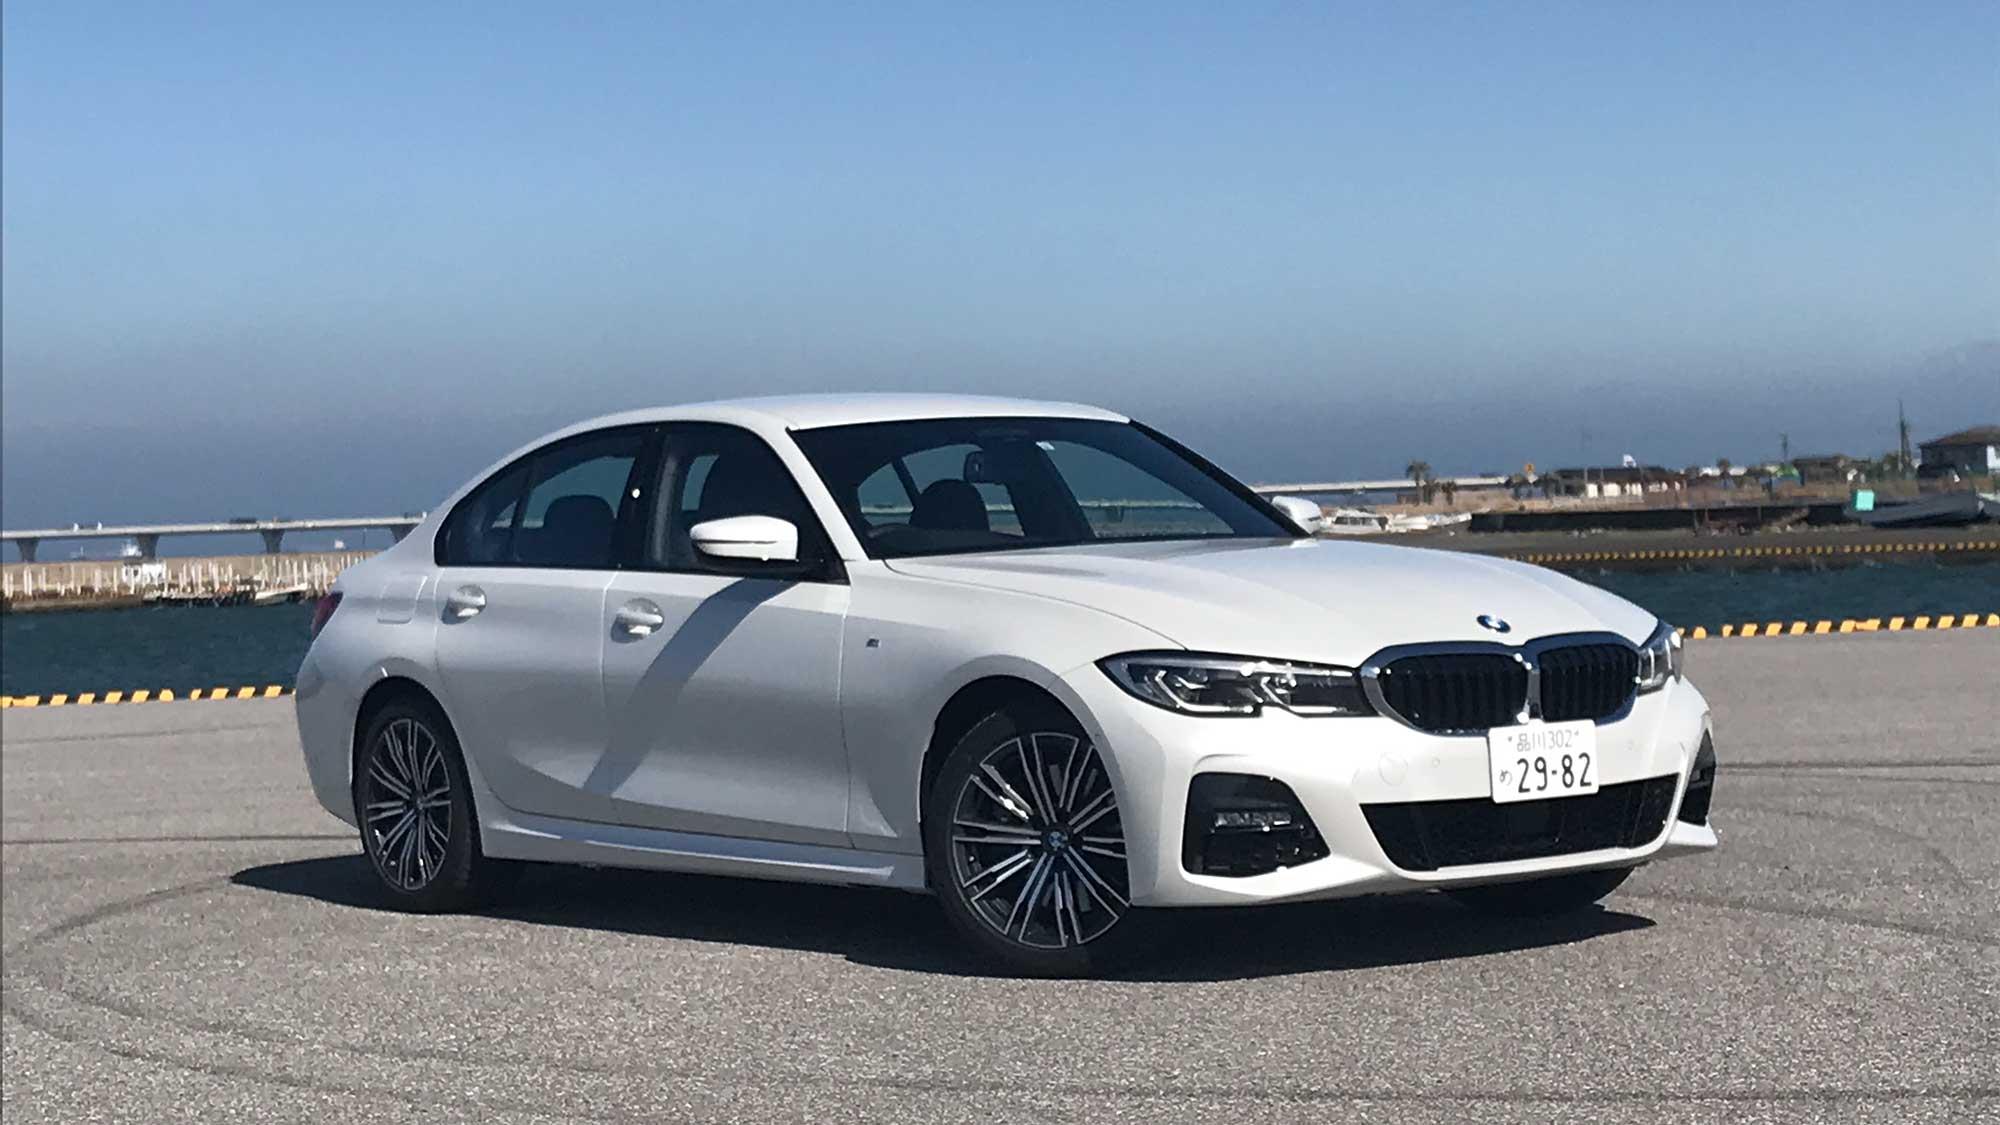 BMWのプラグインハイブリッド〜G20型『330e M sports』インプレッション【片岡英明】   EVsmartブログ